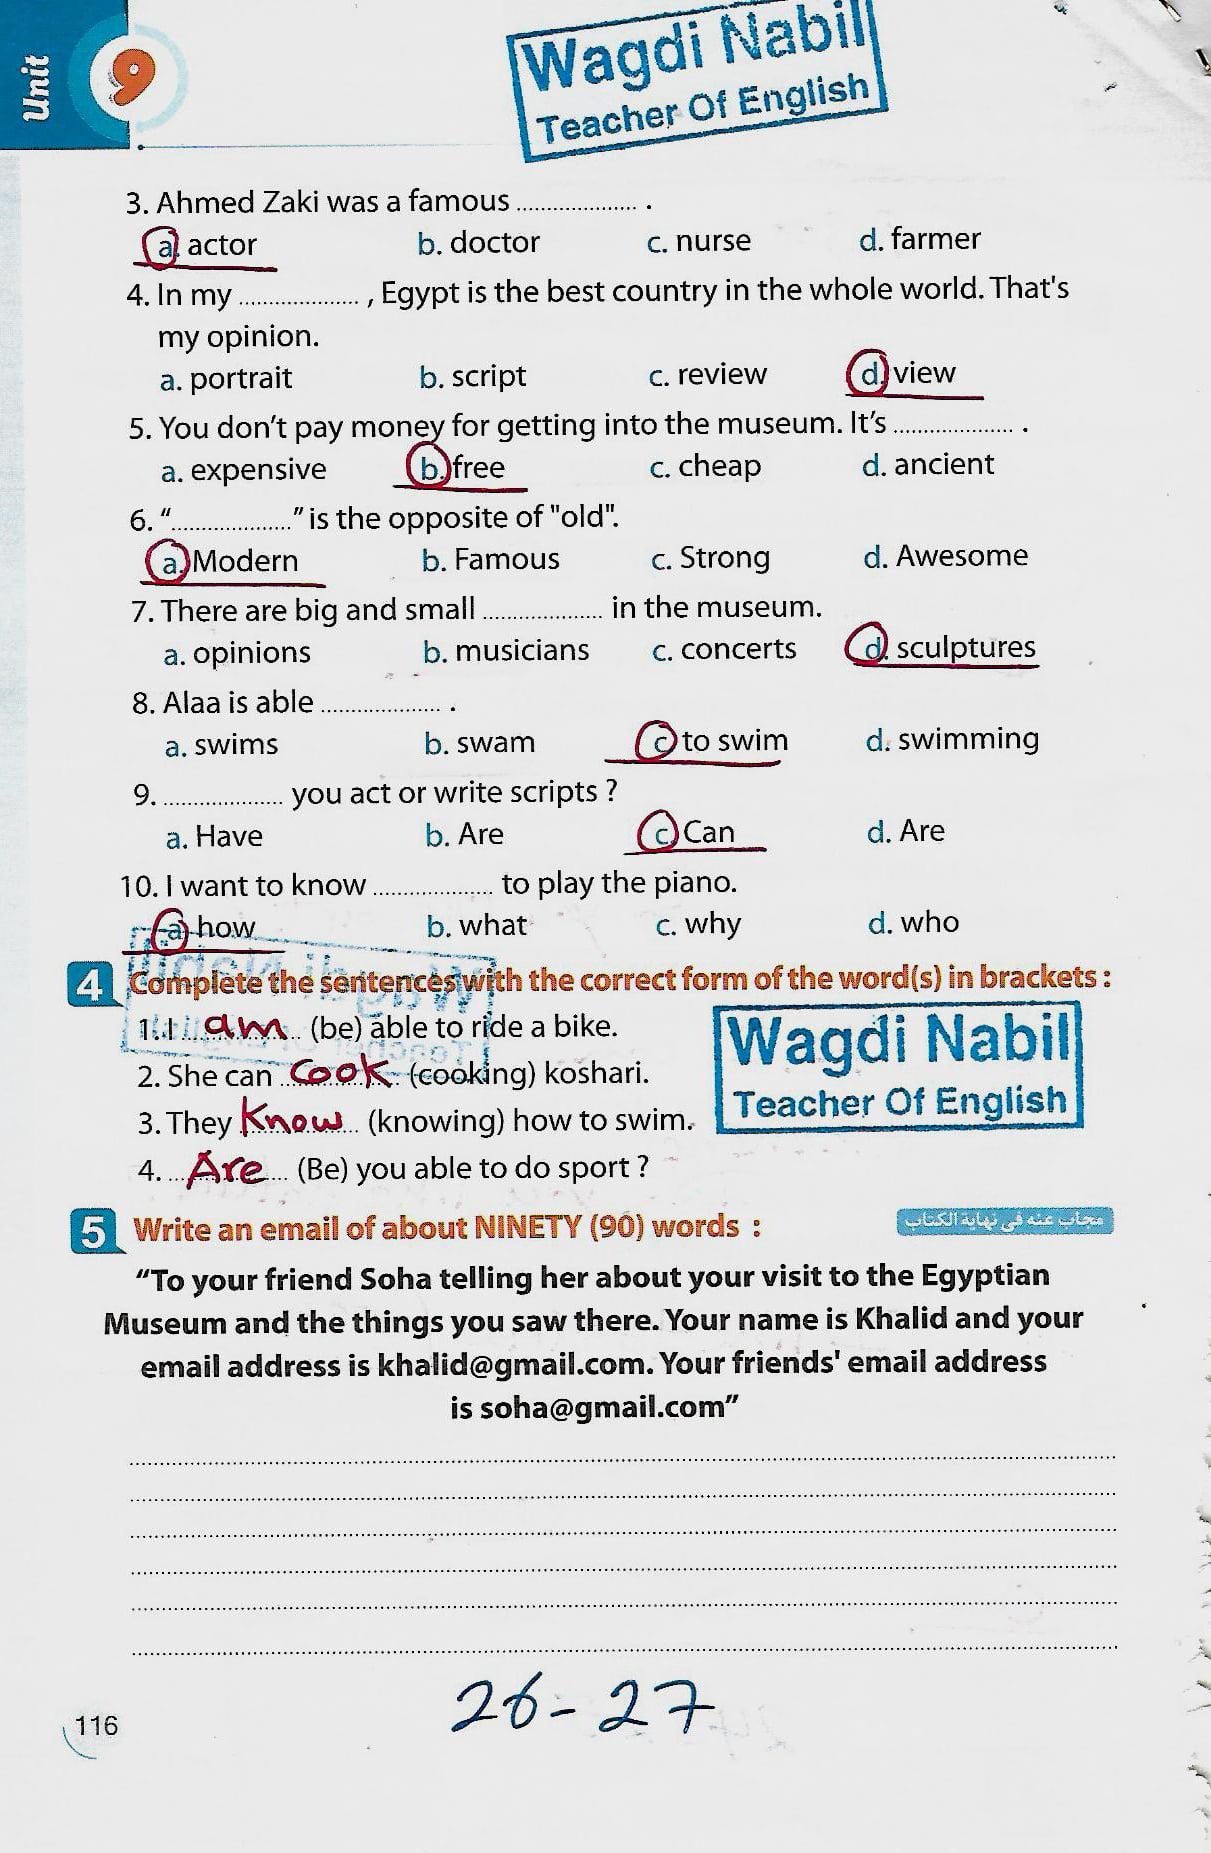 """مراجعة لغة انجليزية """"منهج أبريل"""" للصف الثاني الإعدادي بالحلول أ/ وجدي نبيل 8"""